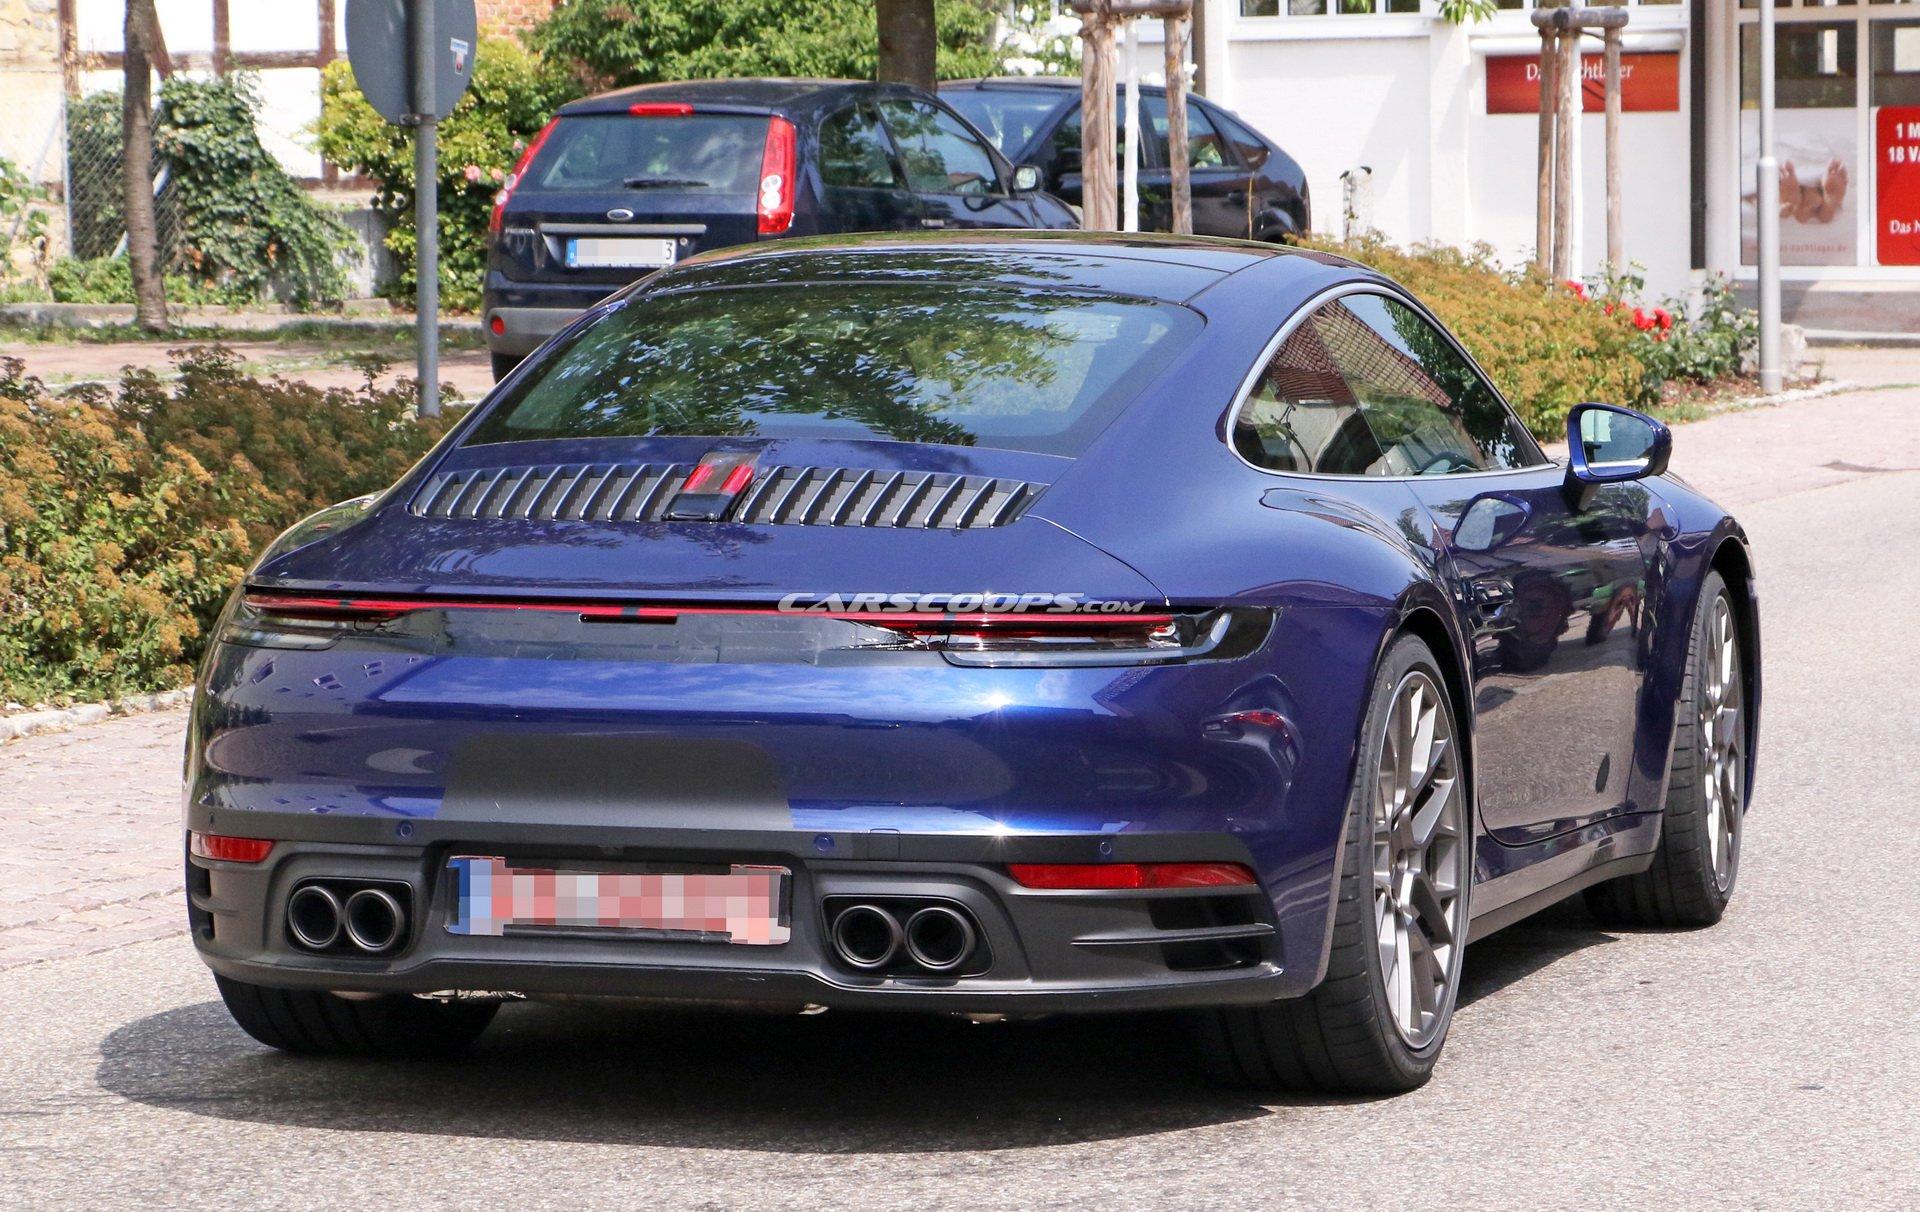 اتمام دوره حدس زدنها در مورد پورشه 911/ مدل 2020 خودرو را  بدون استتار ببینید